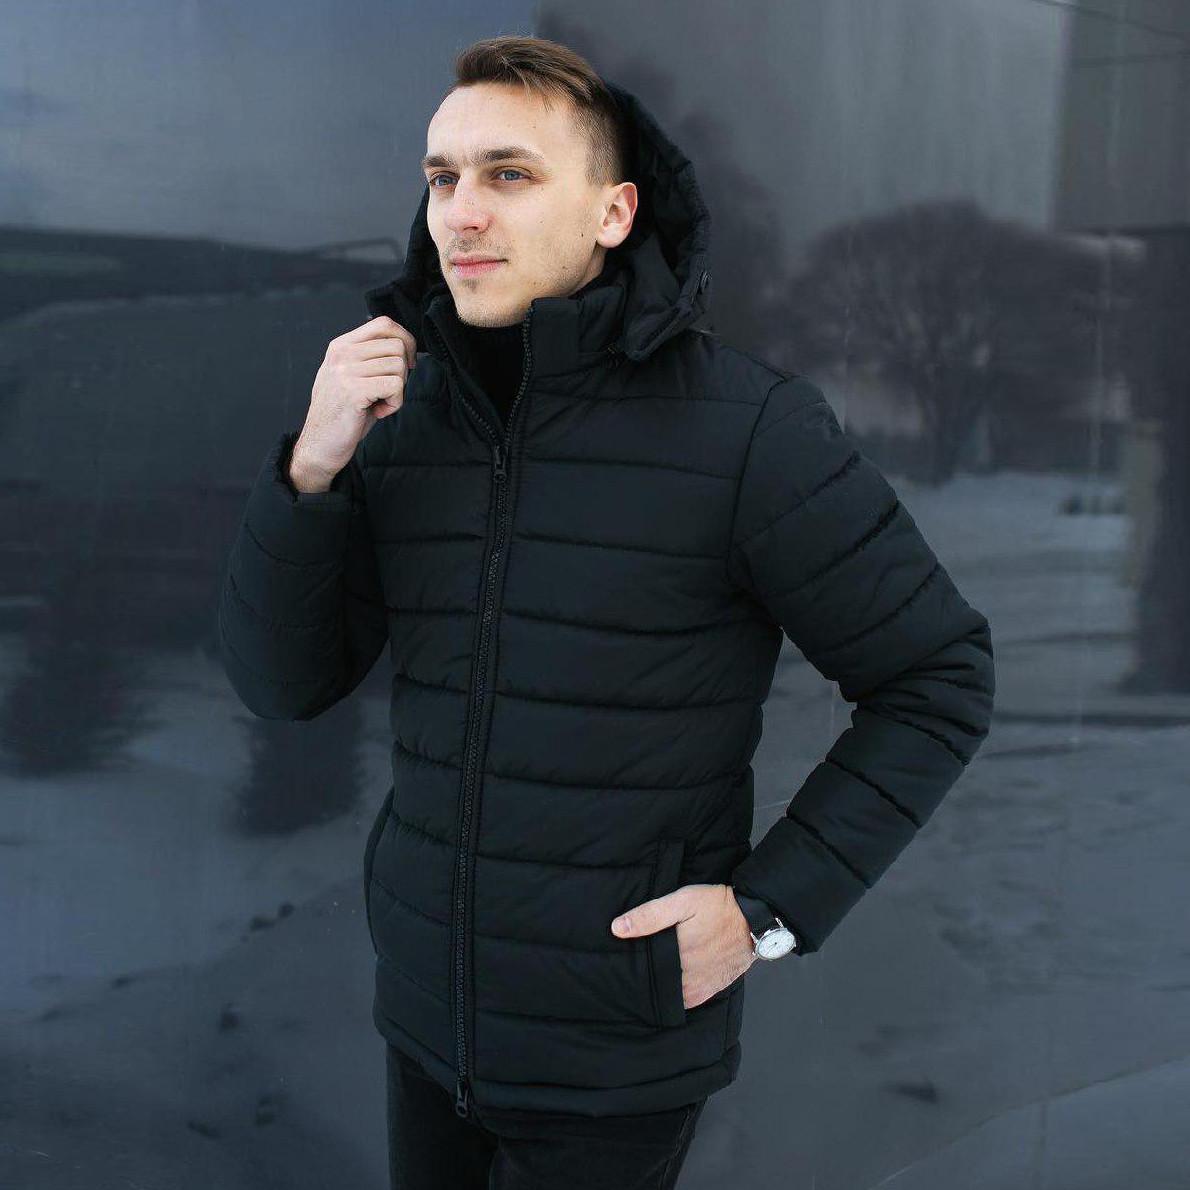 Зимняя куртка парка мужская черная размер S, M, L, XL